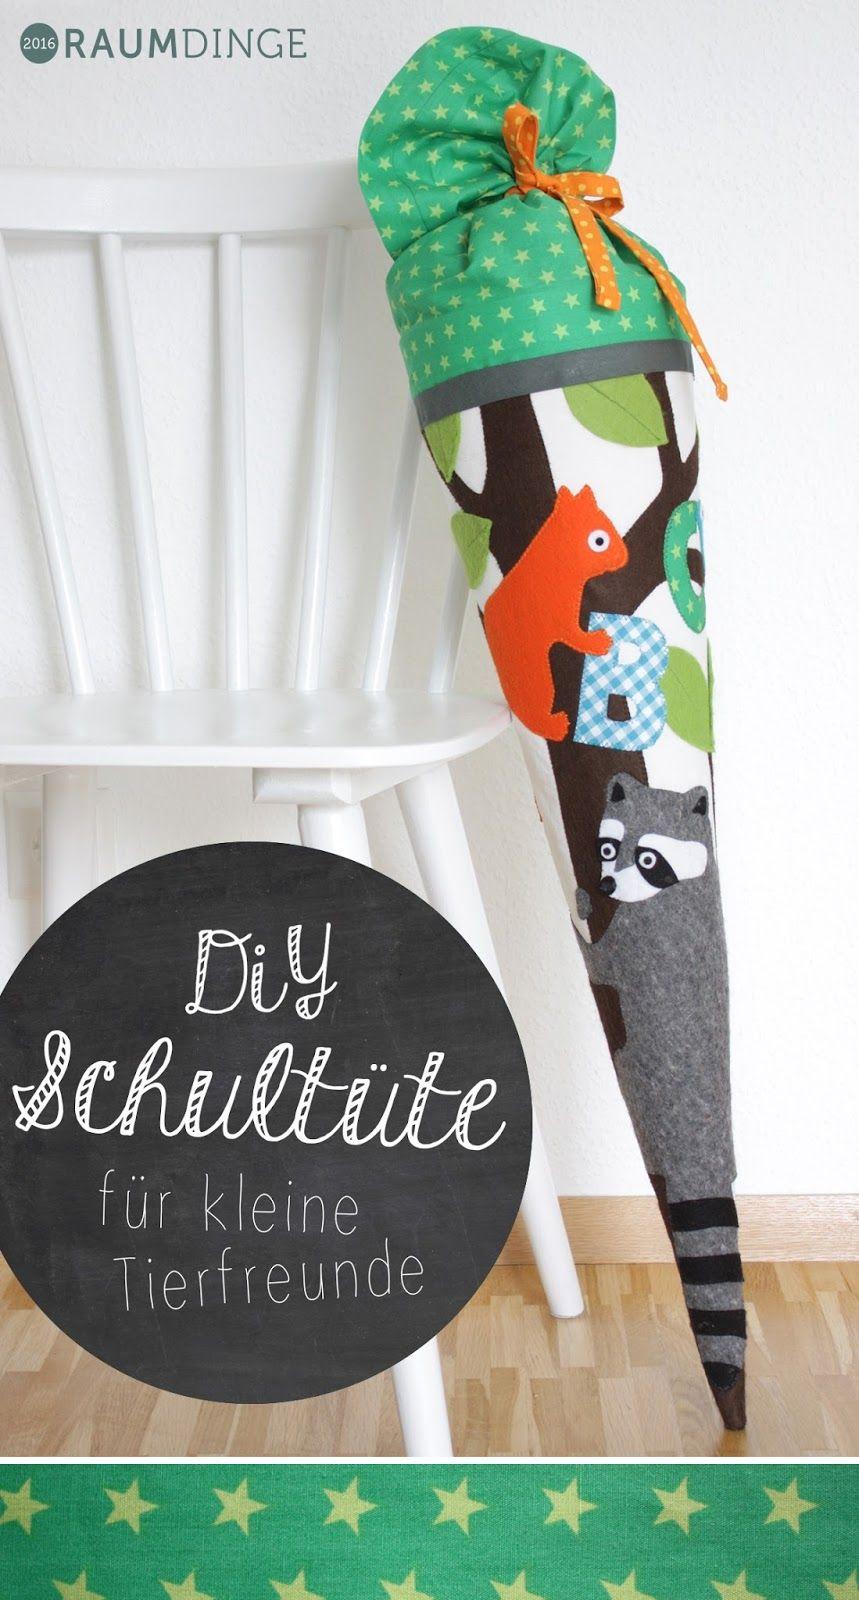 diy schult te f r kleine tierfreunde mit anleitung. Black Bedroom Furniture Sets. Home Design Ideas